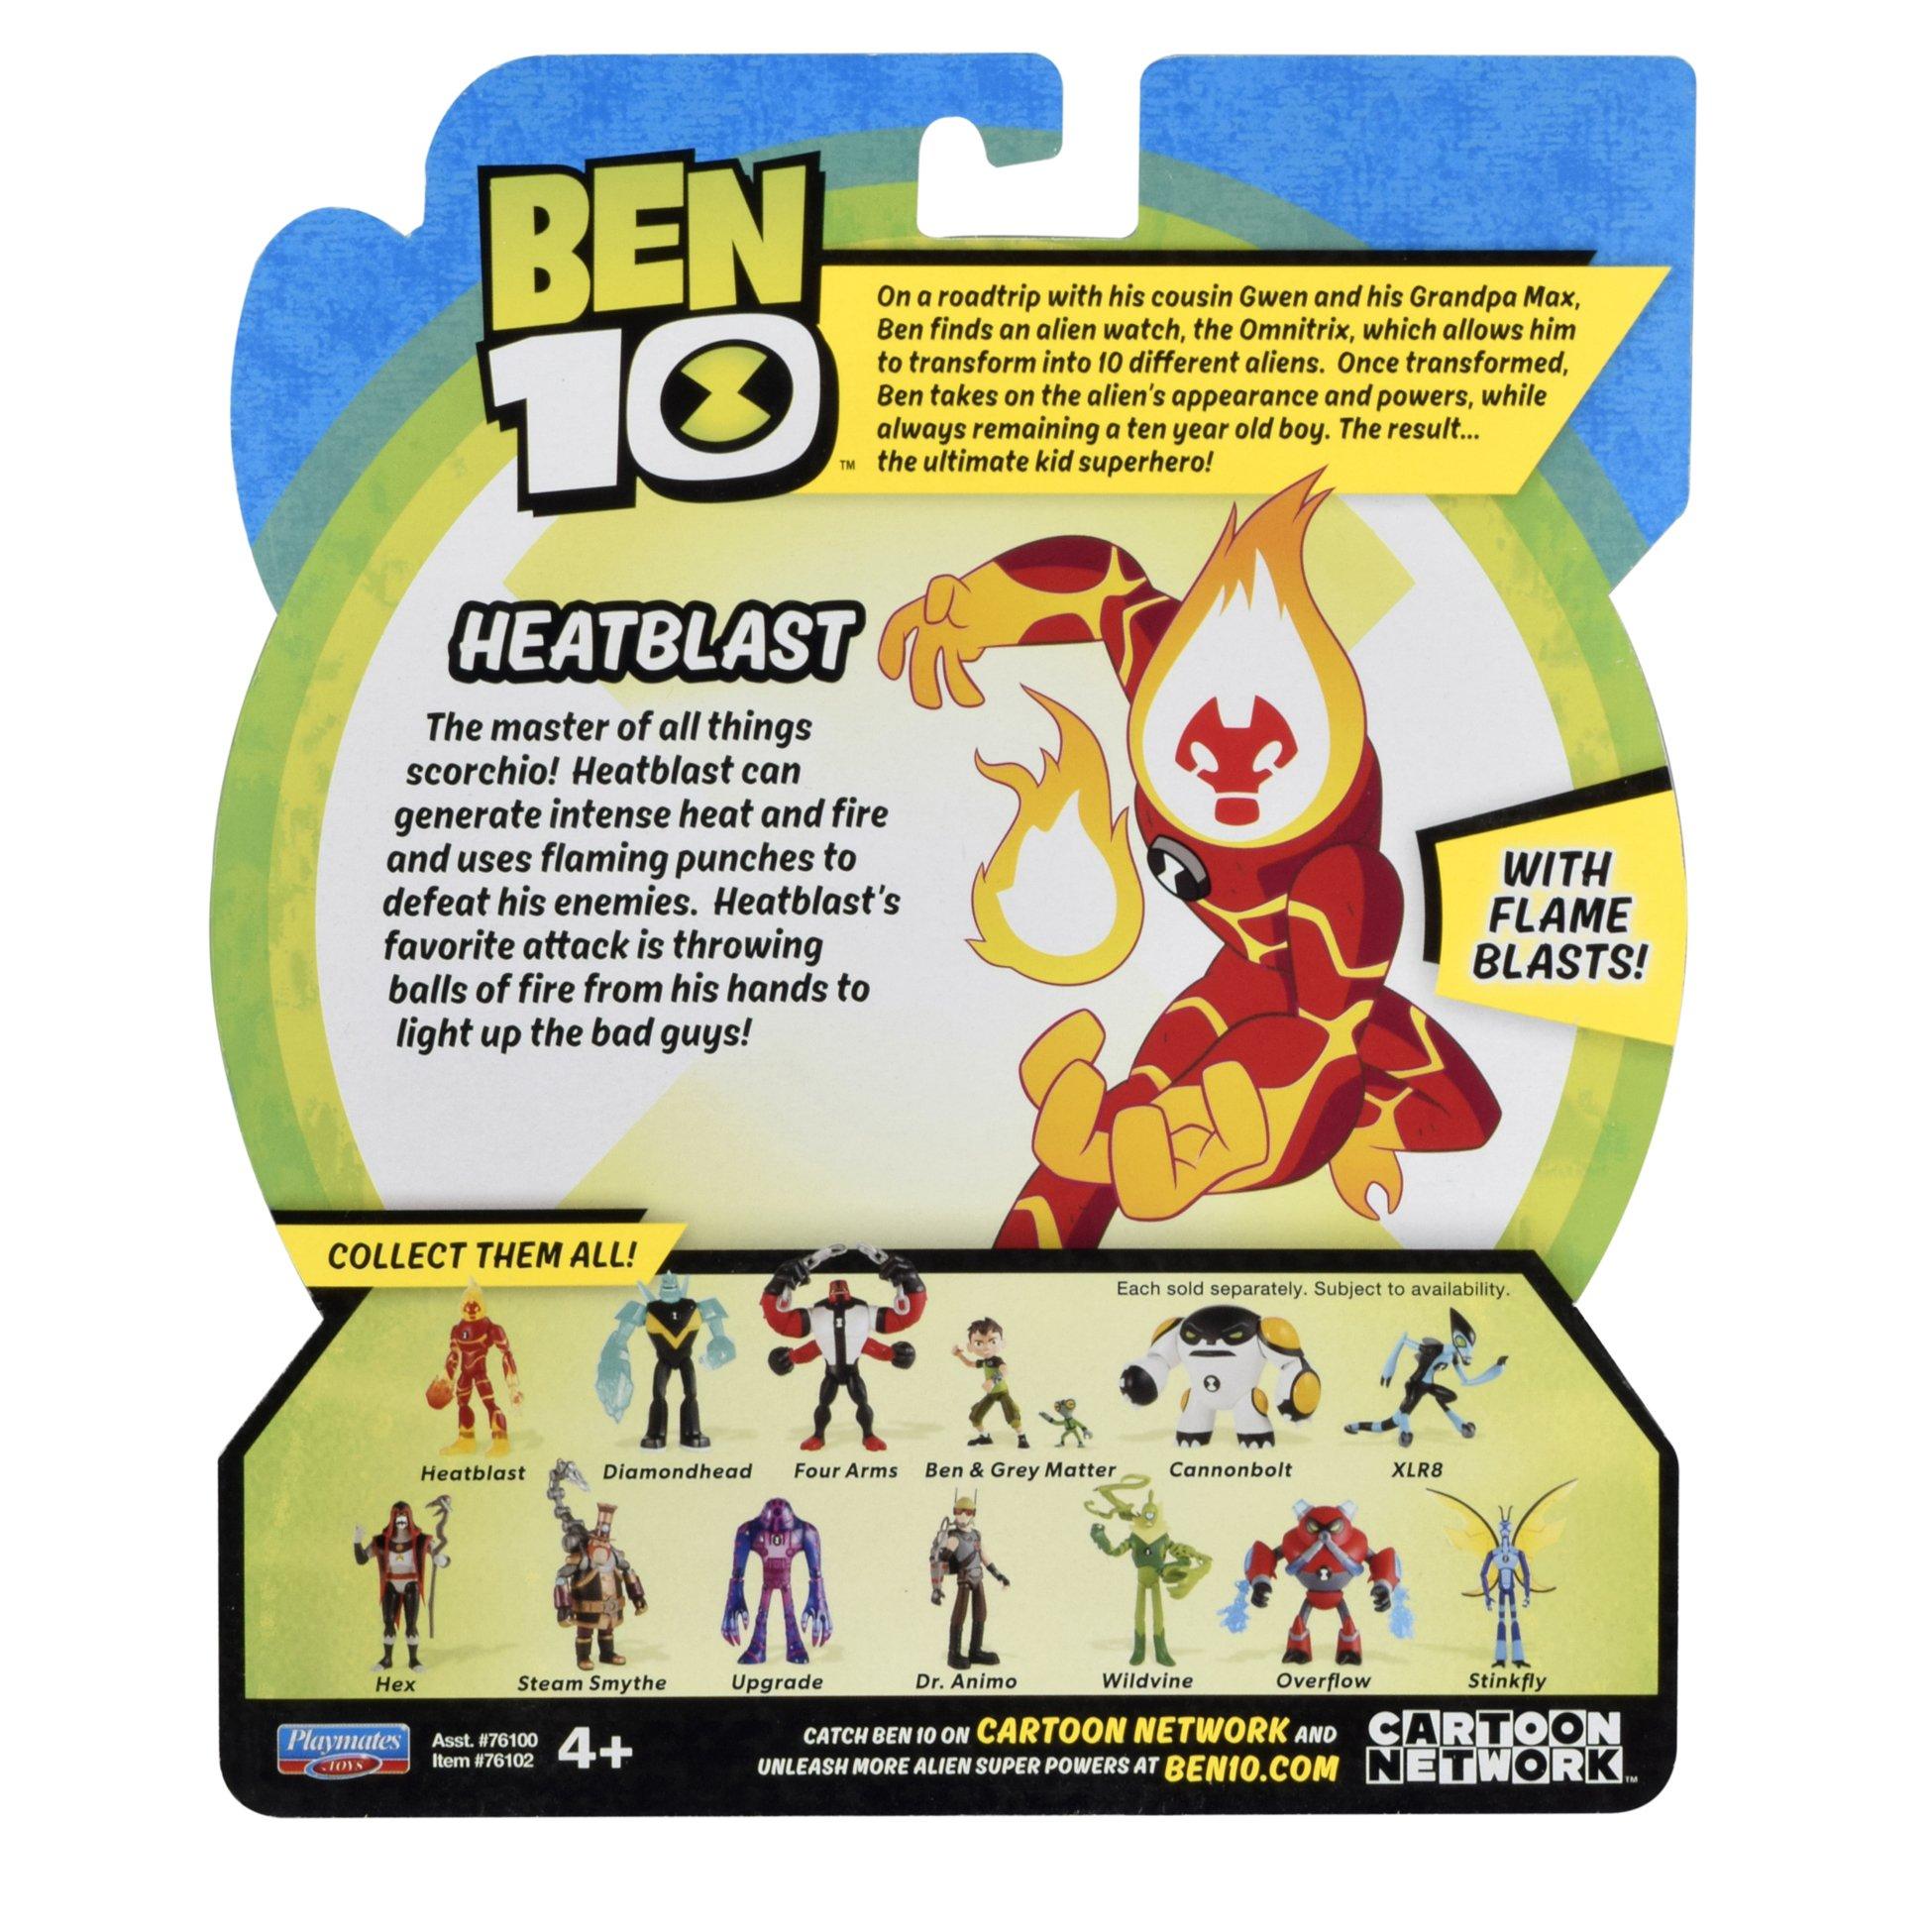 Ben 10 Heatblast Action Figure by Ben 10 (Image #5)